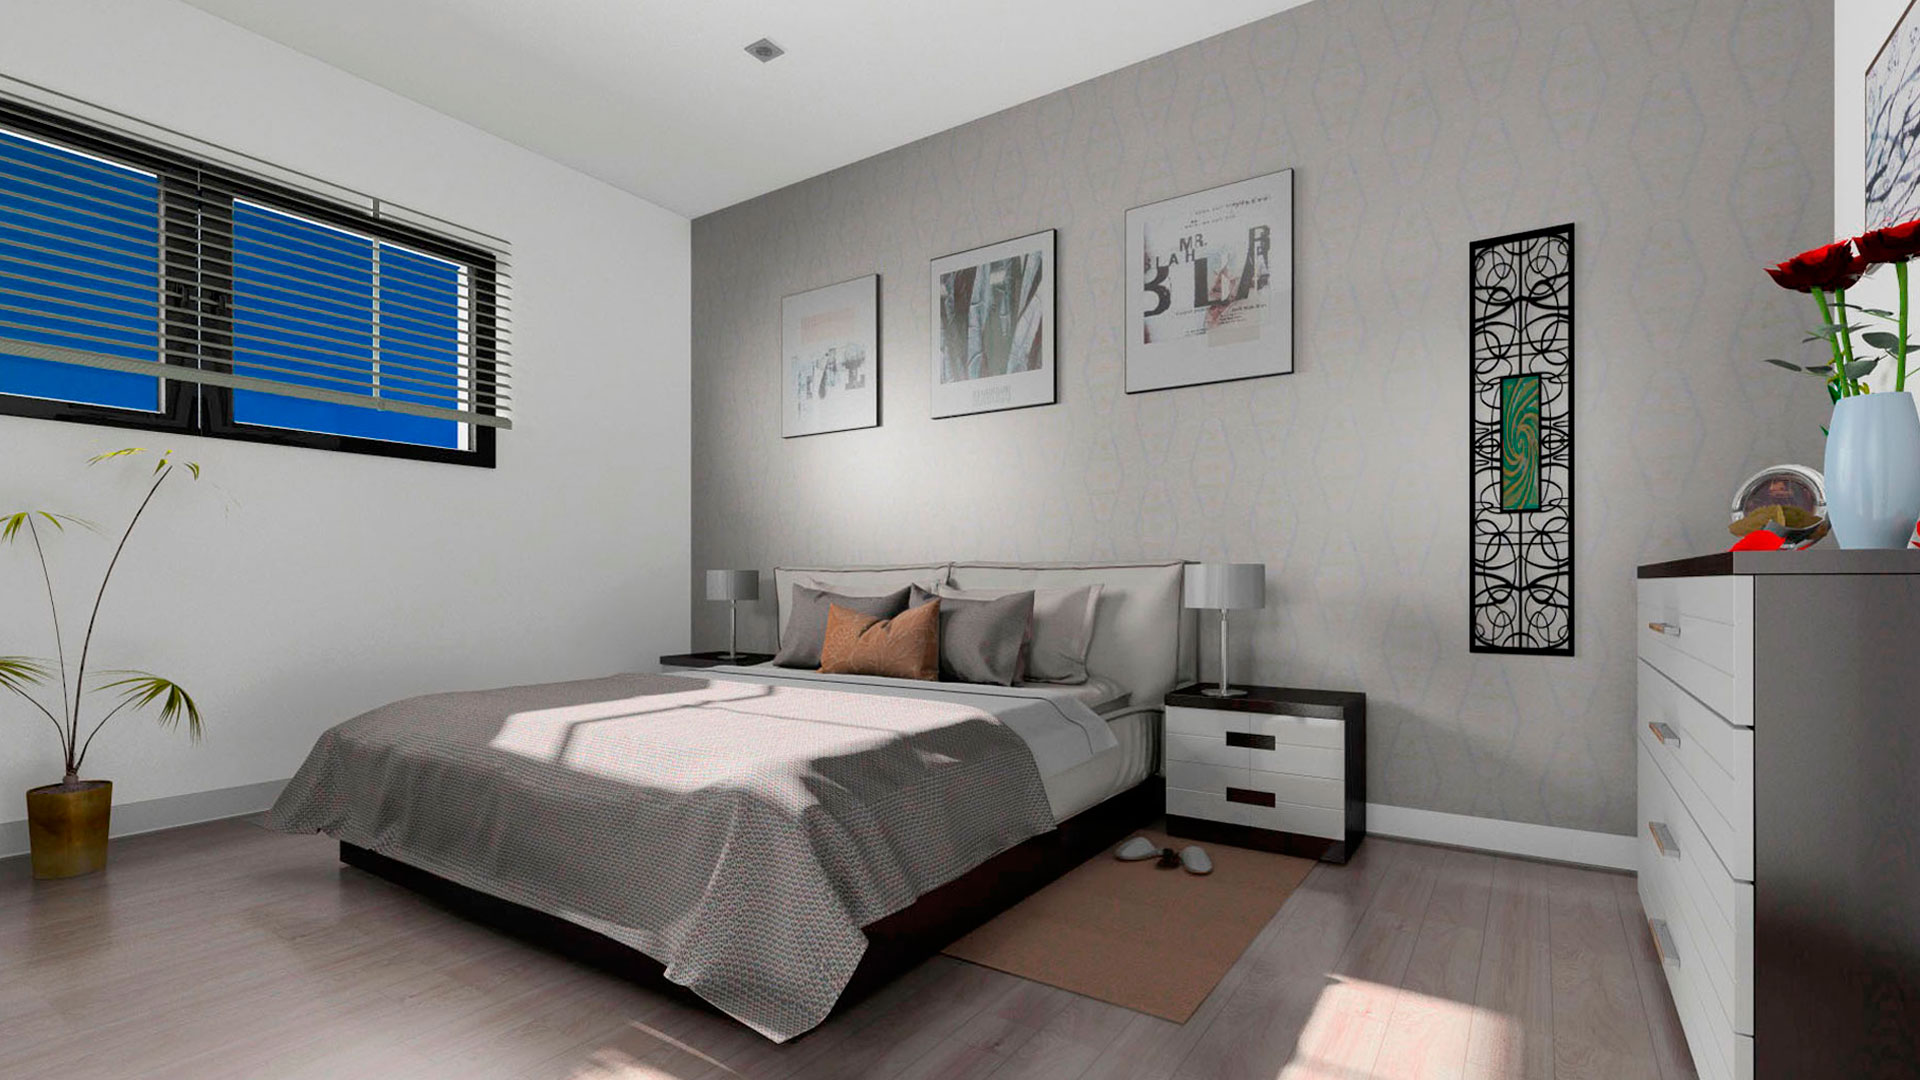 Chalet pareado diseño torremolinos dormitorio matrimonio